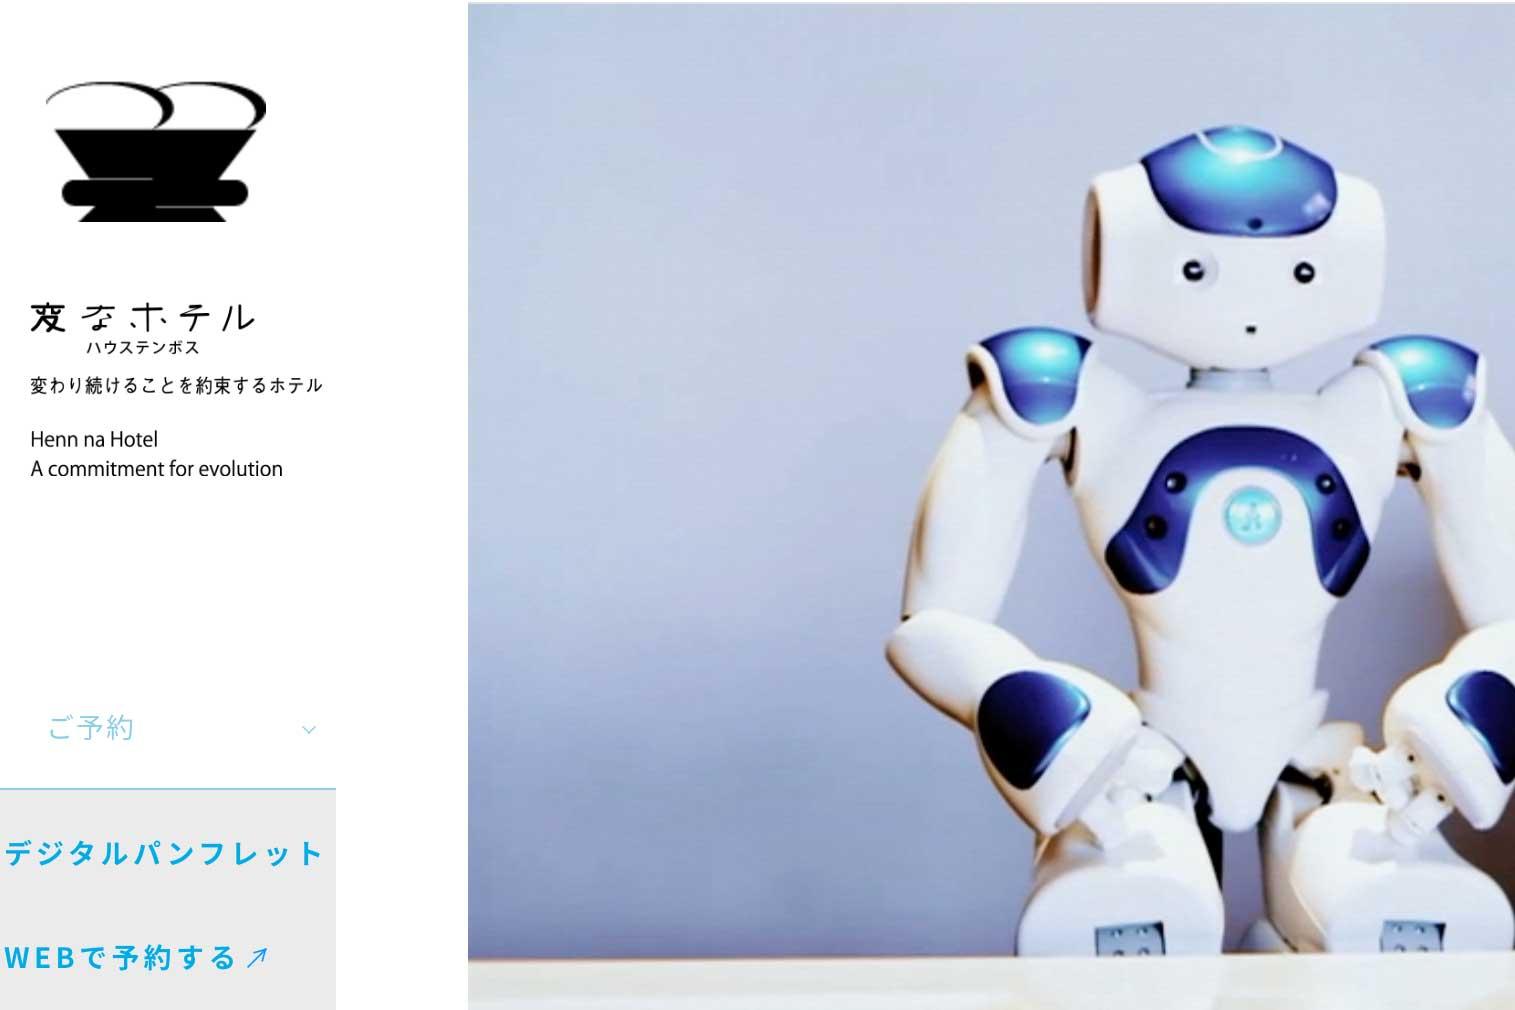 古怪酒店:日本经济型机器人酒店公布扩张计划